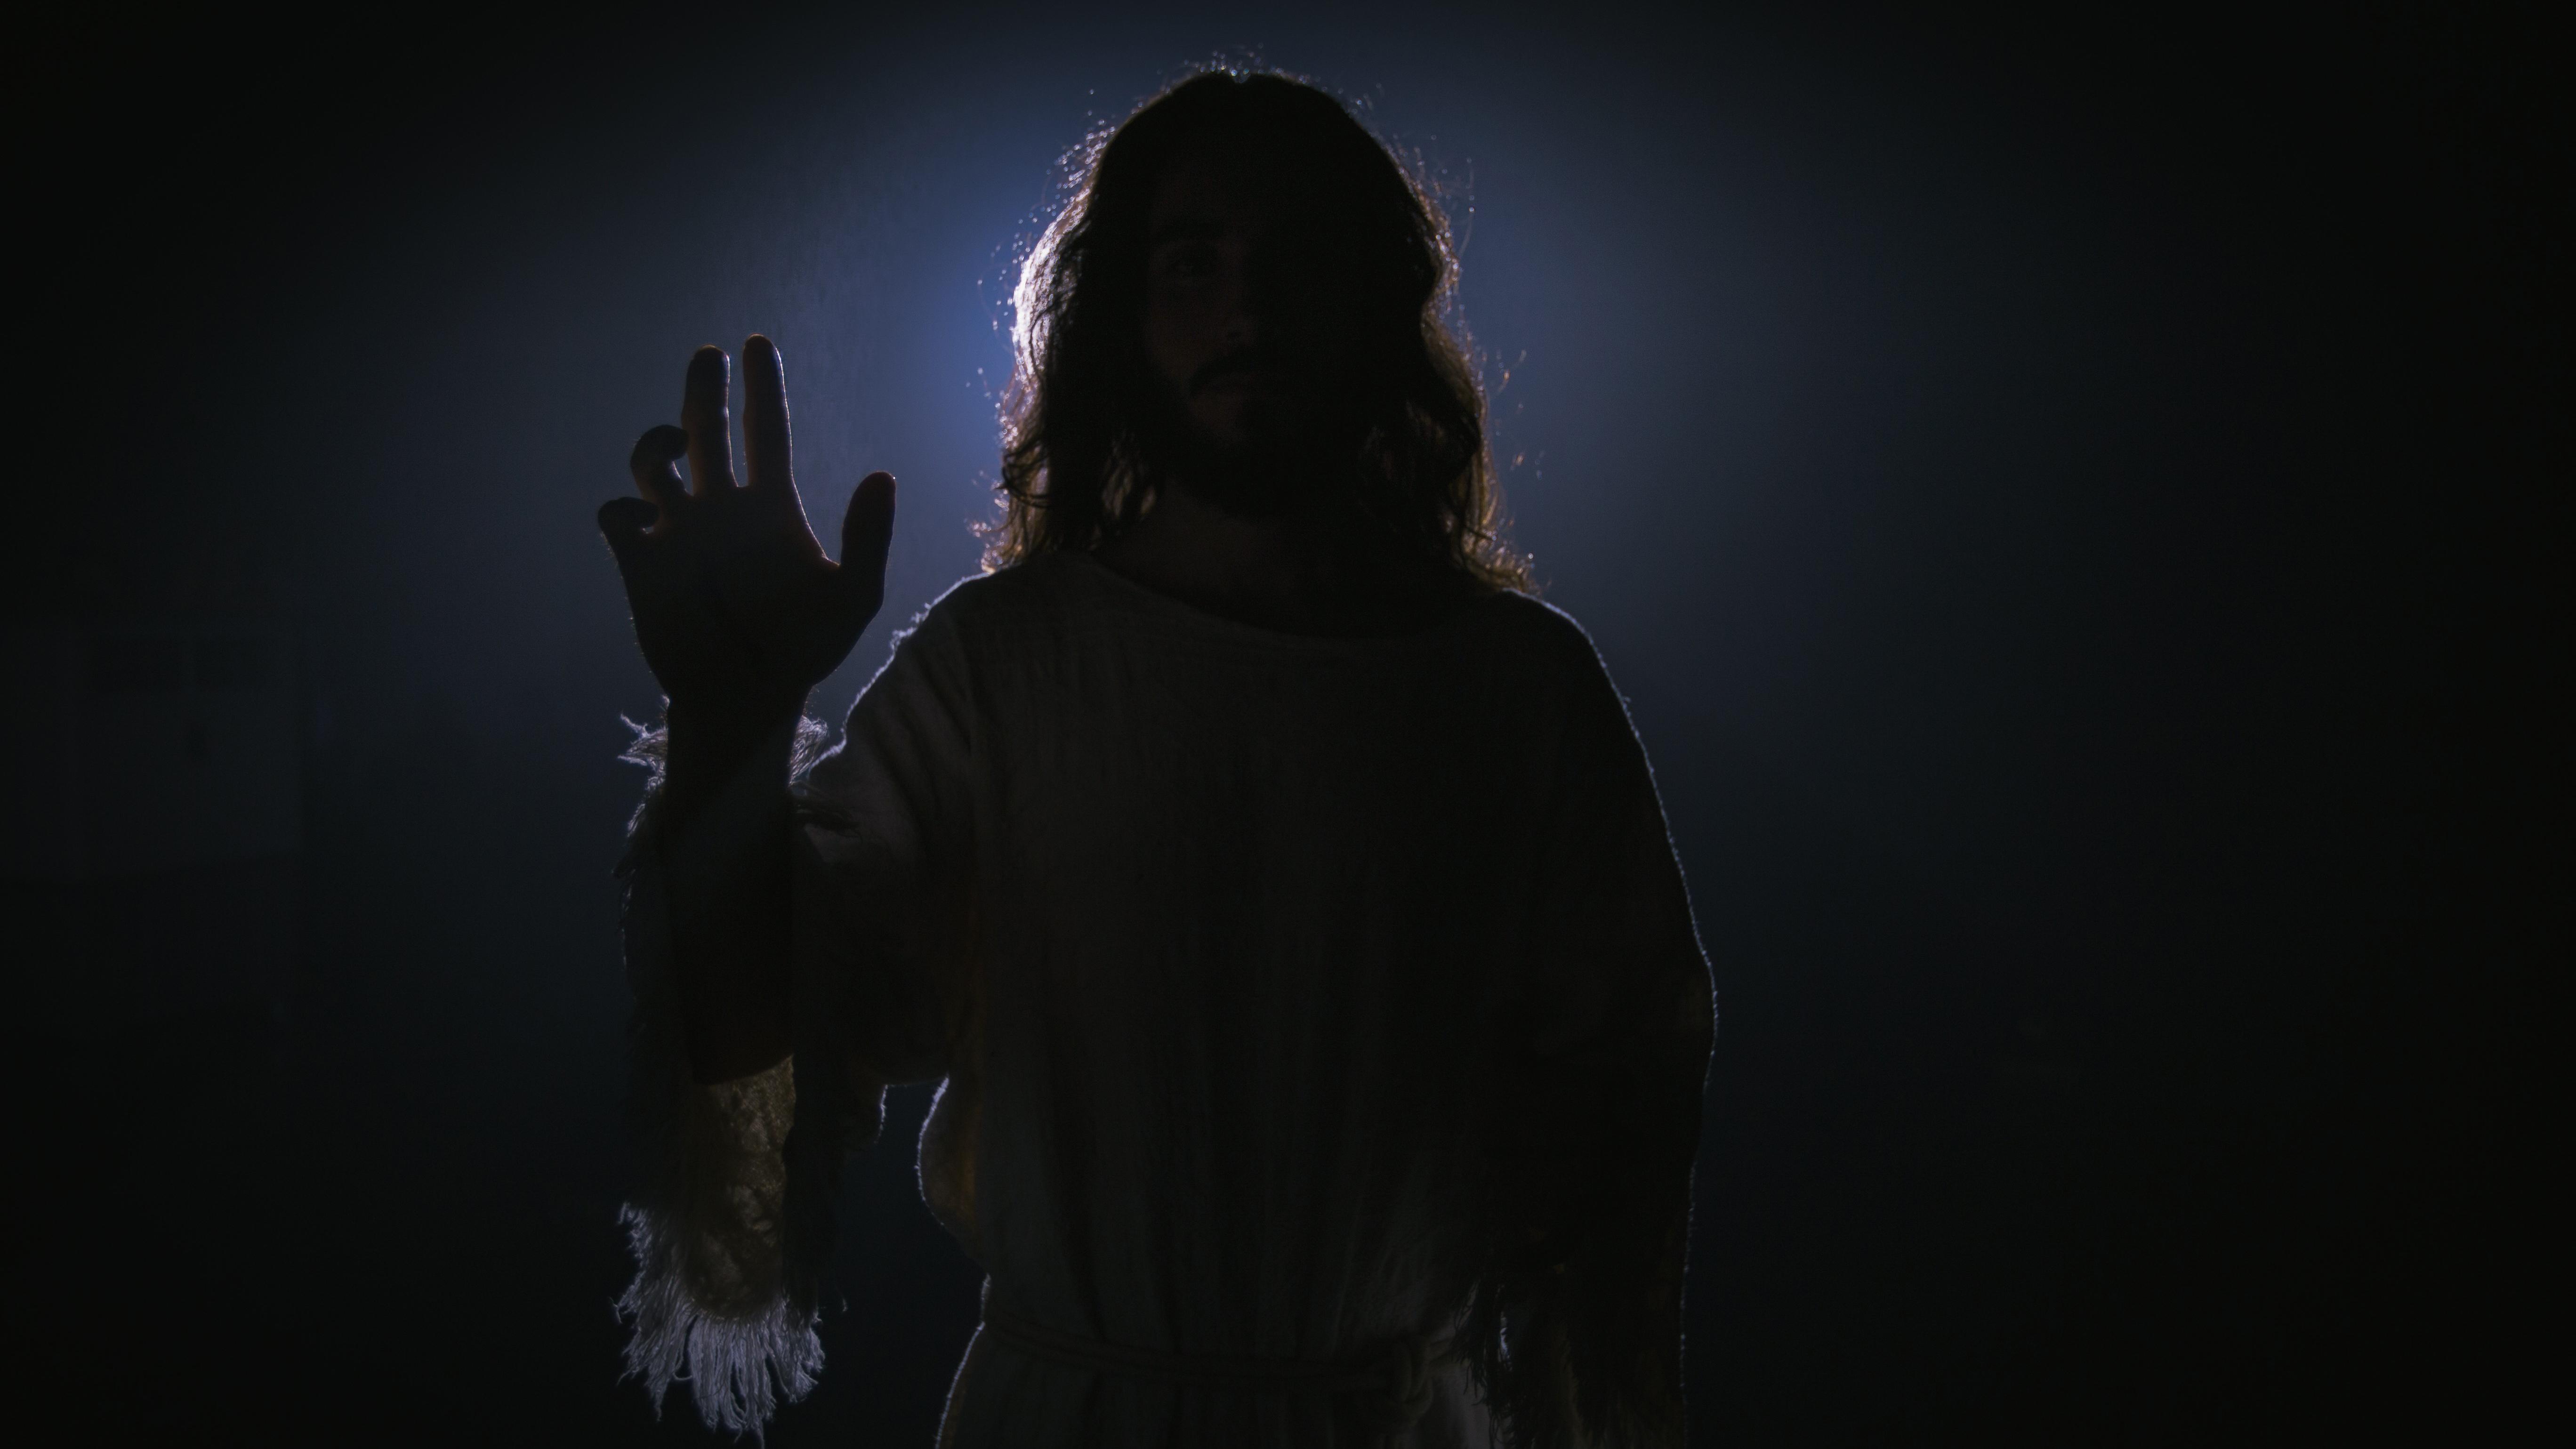 Capa da notícia: O que é a Epifania do Senhor?